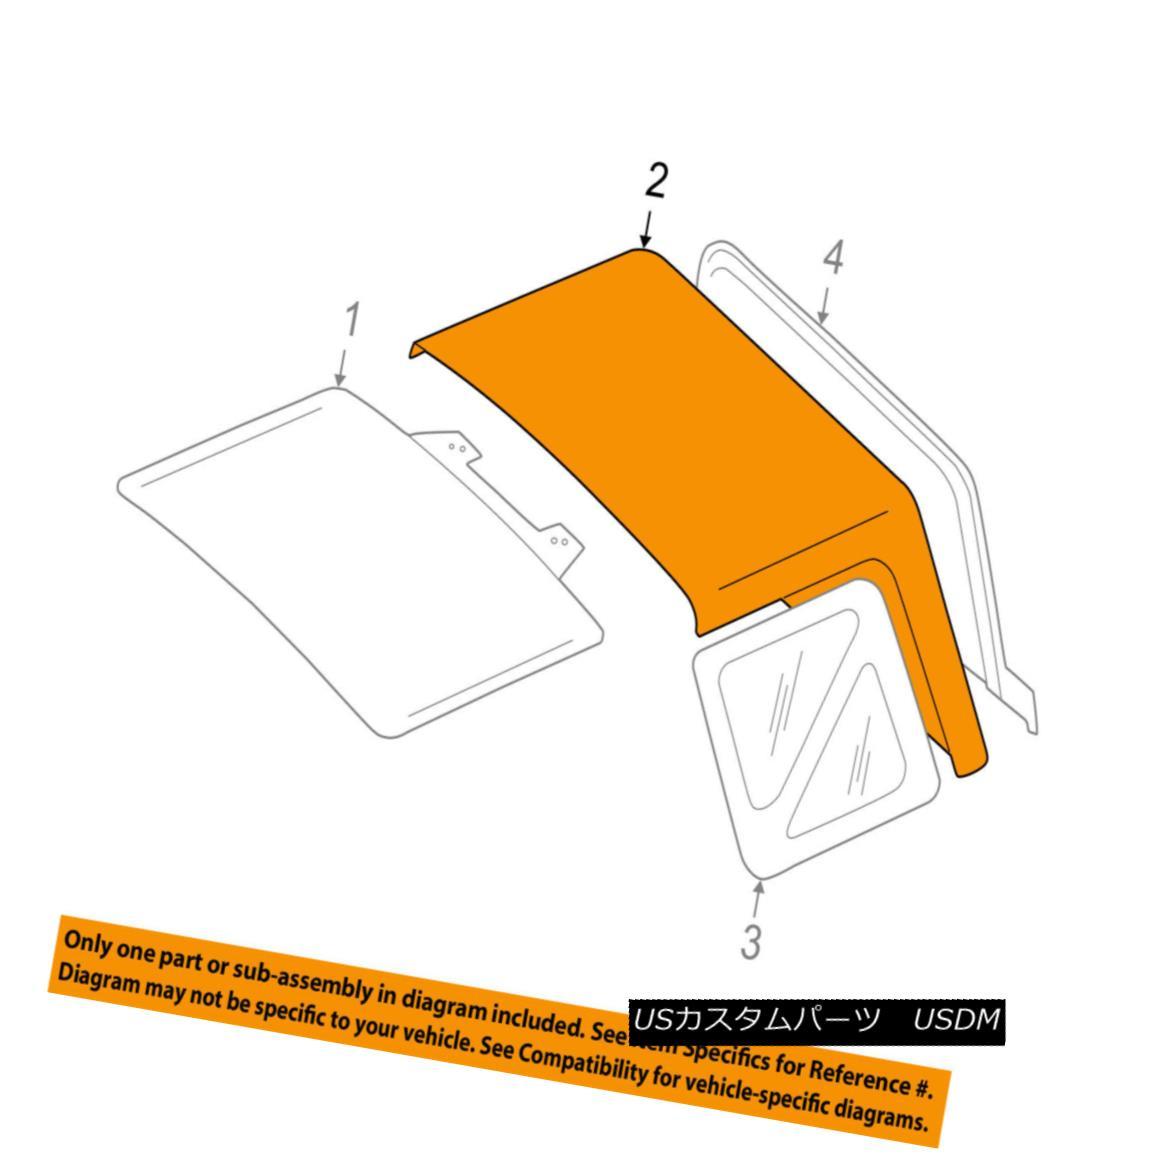 幌・ソフトトップ Chevrolet GM OEM 99-01 Tracker Convertible/soft Top-Folding Top 30024949 Chevrolet GM OEM 99-01トラッカー・コンバーチブル/ so ftトップ折りたたみトップ30024949